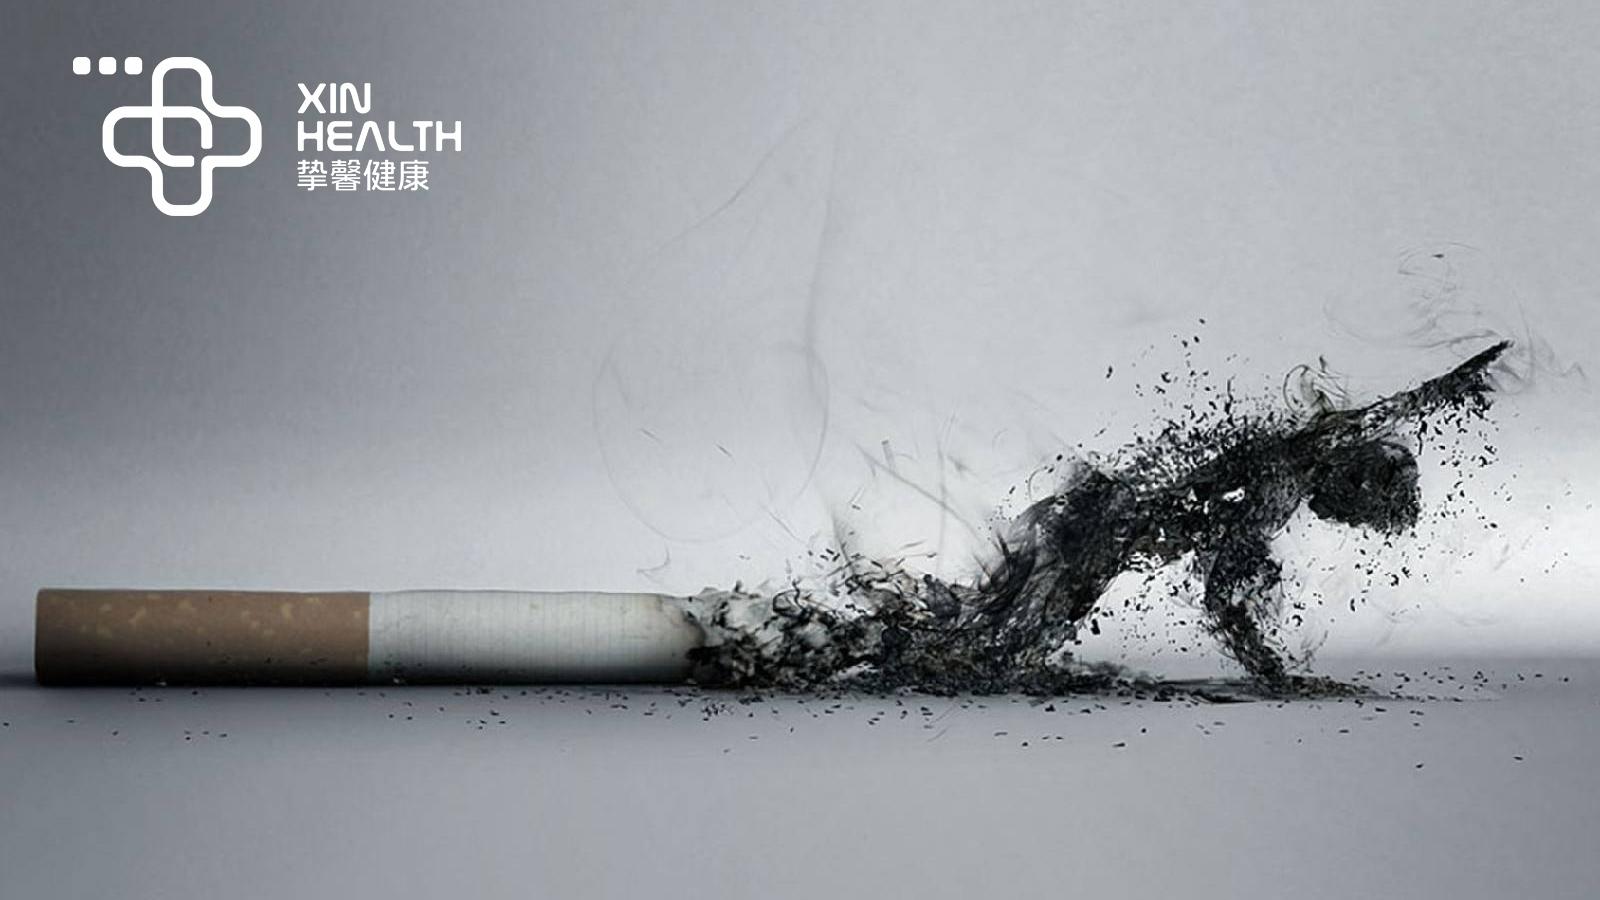 吸烟对健康的危害远远大于我们的想象